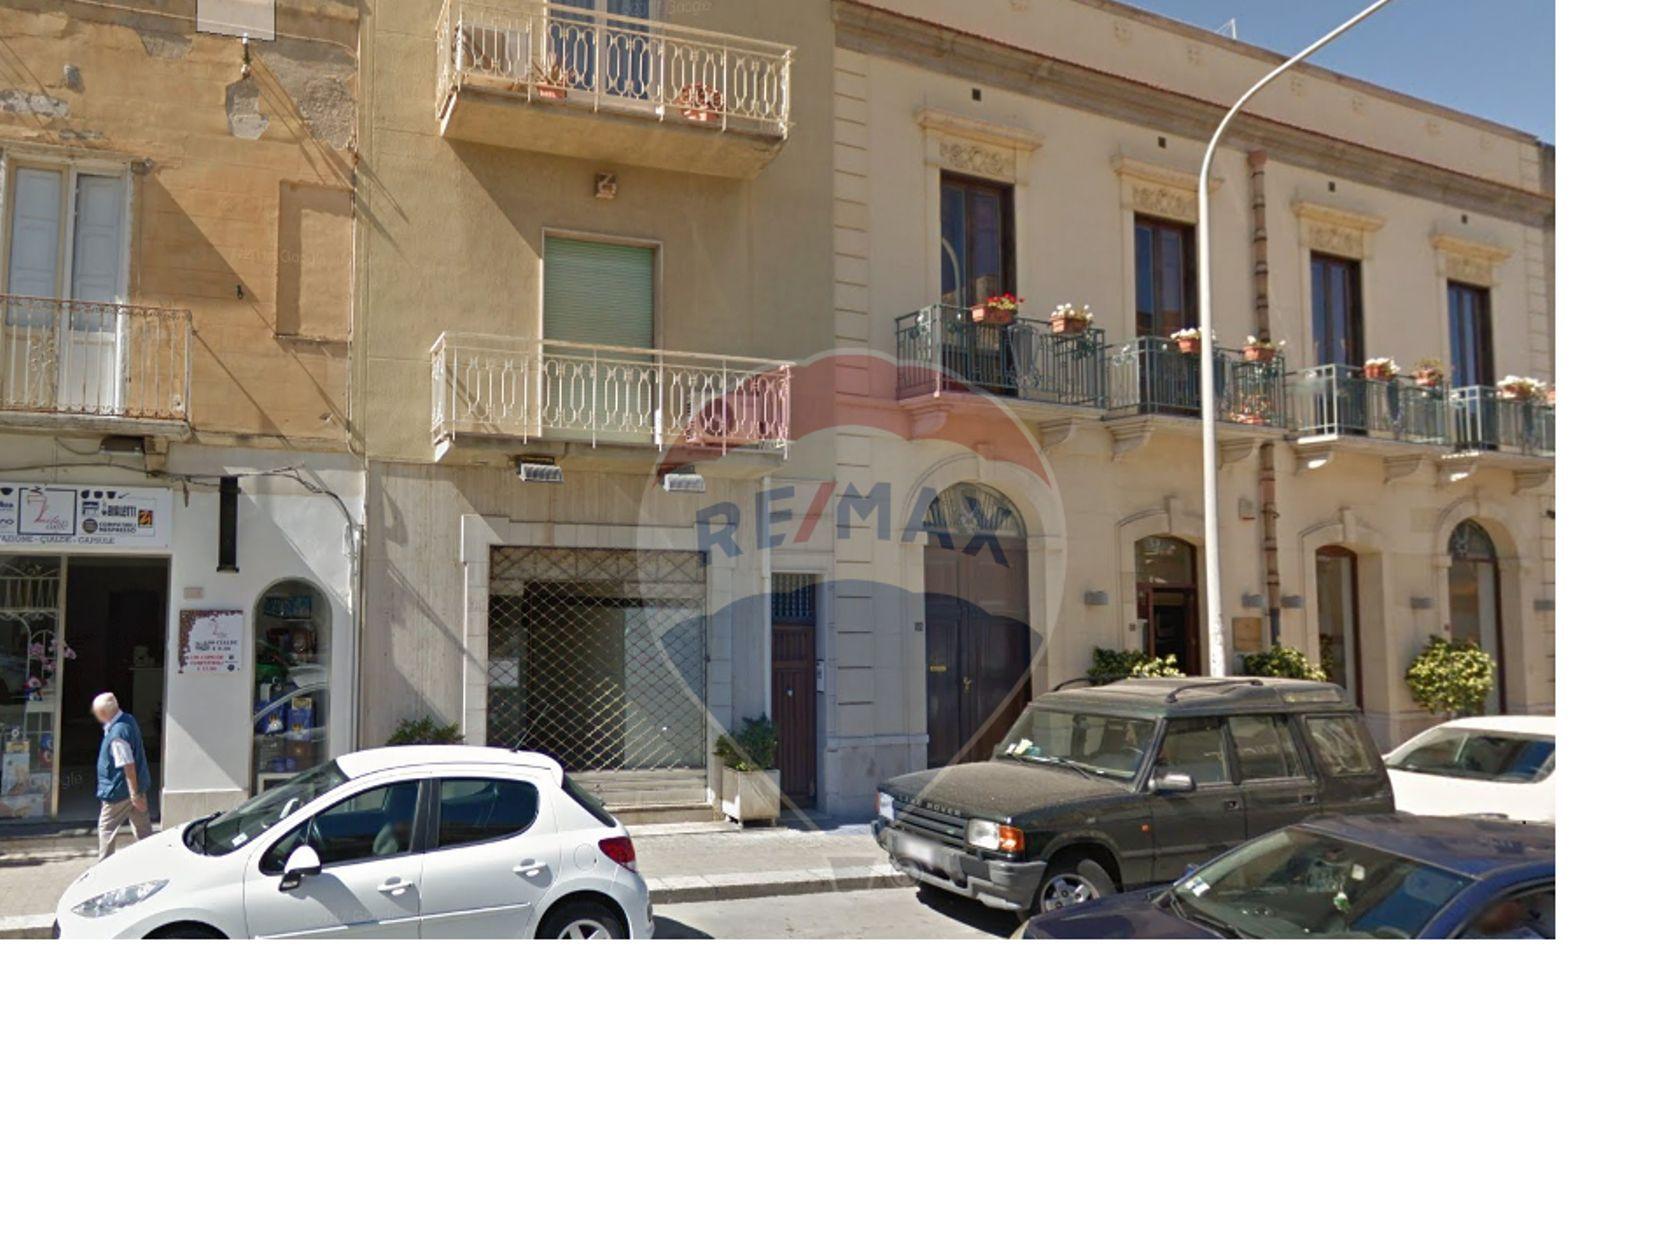 Locale Commerciale Zona pregiata, Trapani, TP Affitto - Foto 2